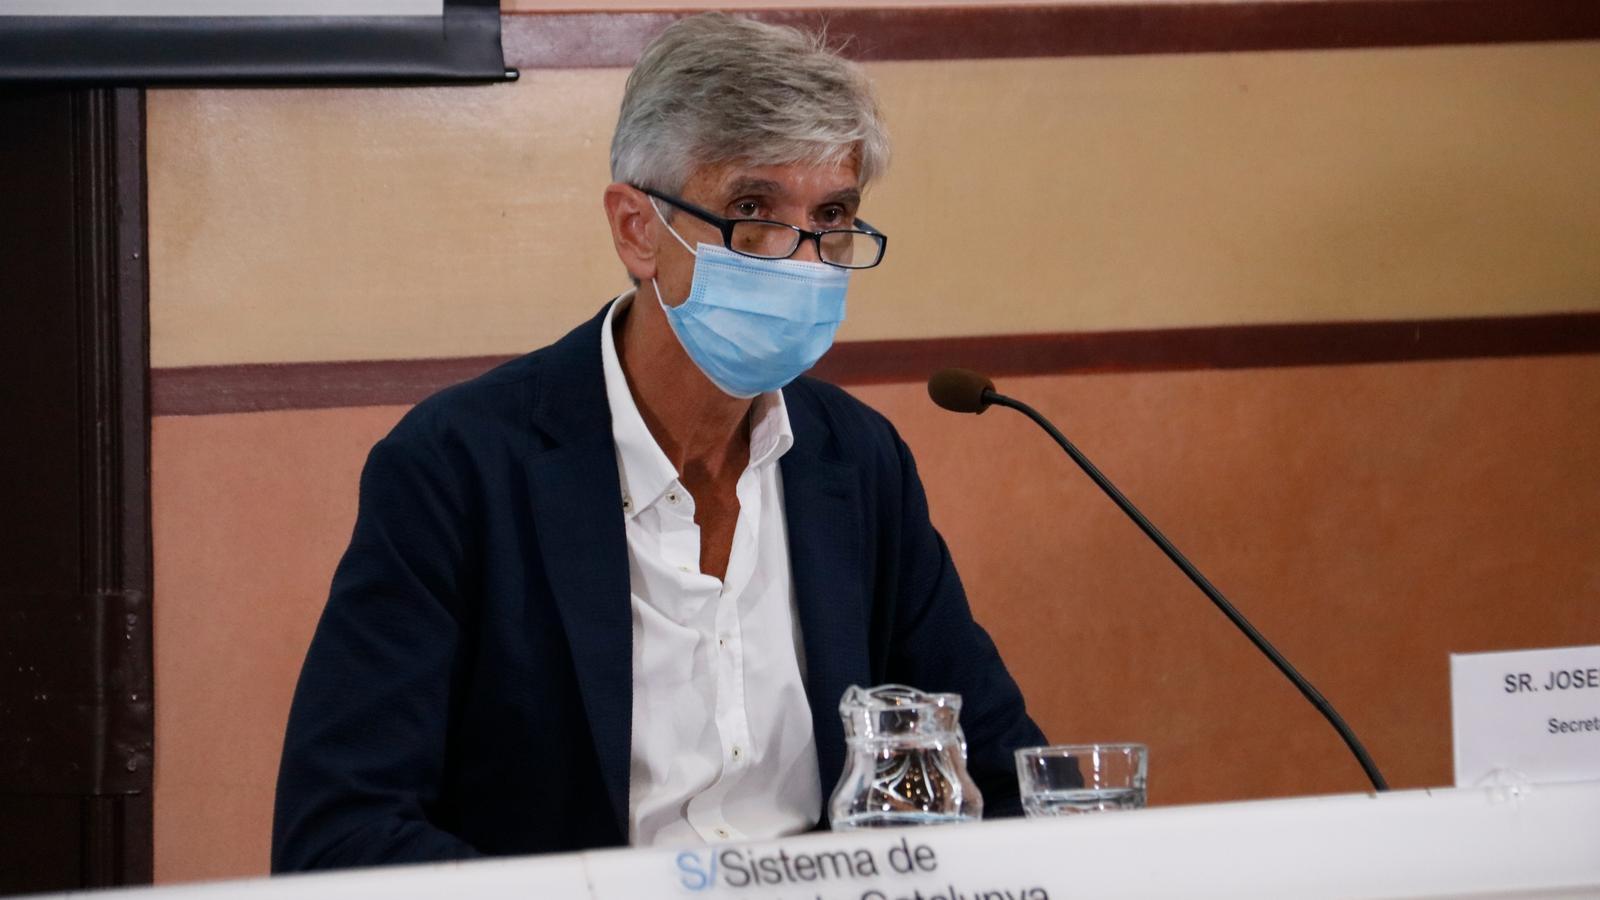 Roda de premsa del secretari de Salut Pública, Josep Maria Argimon, acompanyat del coordinador de la unitat de seguiment del covid-19, Jacobo Mendioroz, d'aquest dimarts 11 d'agost.